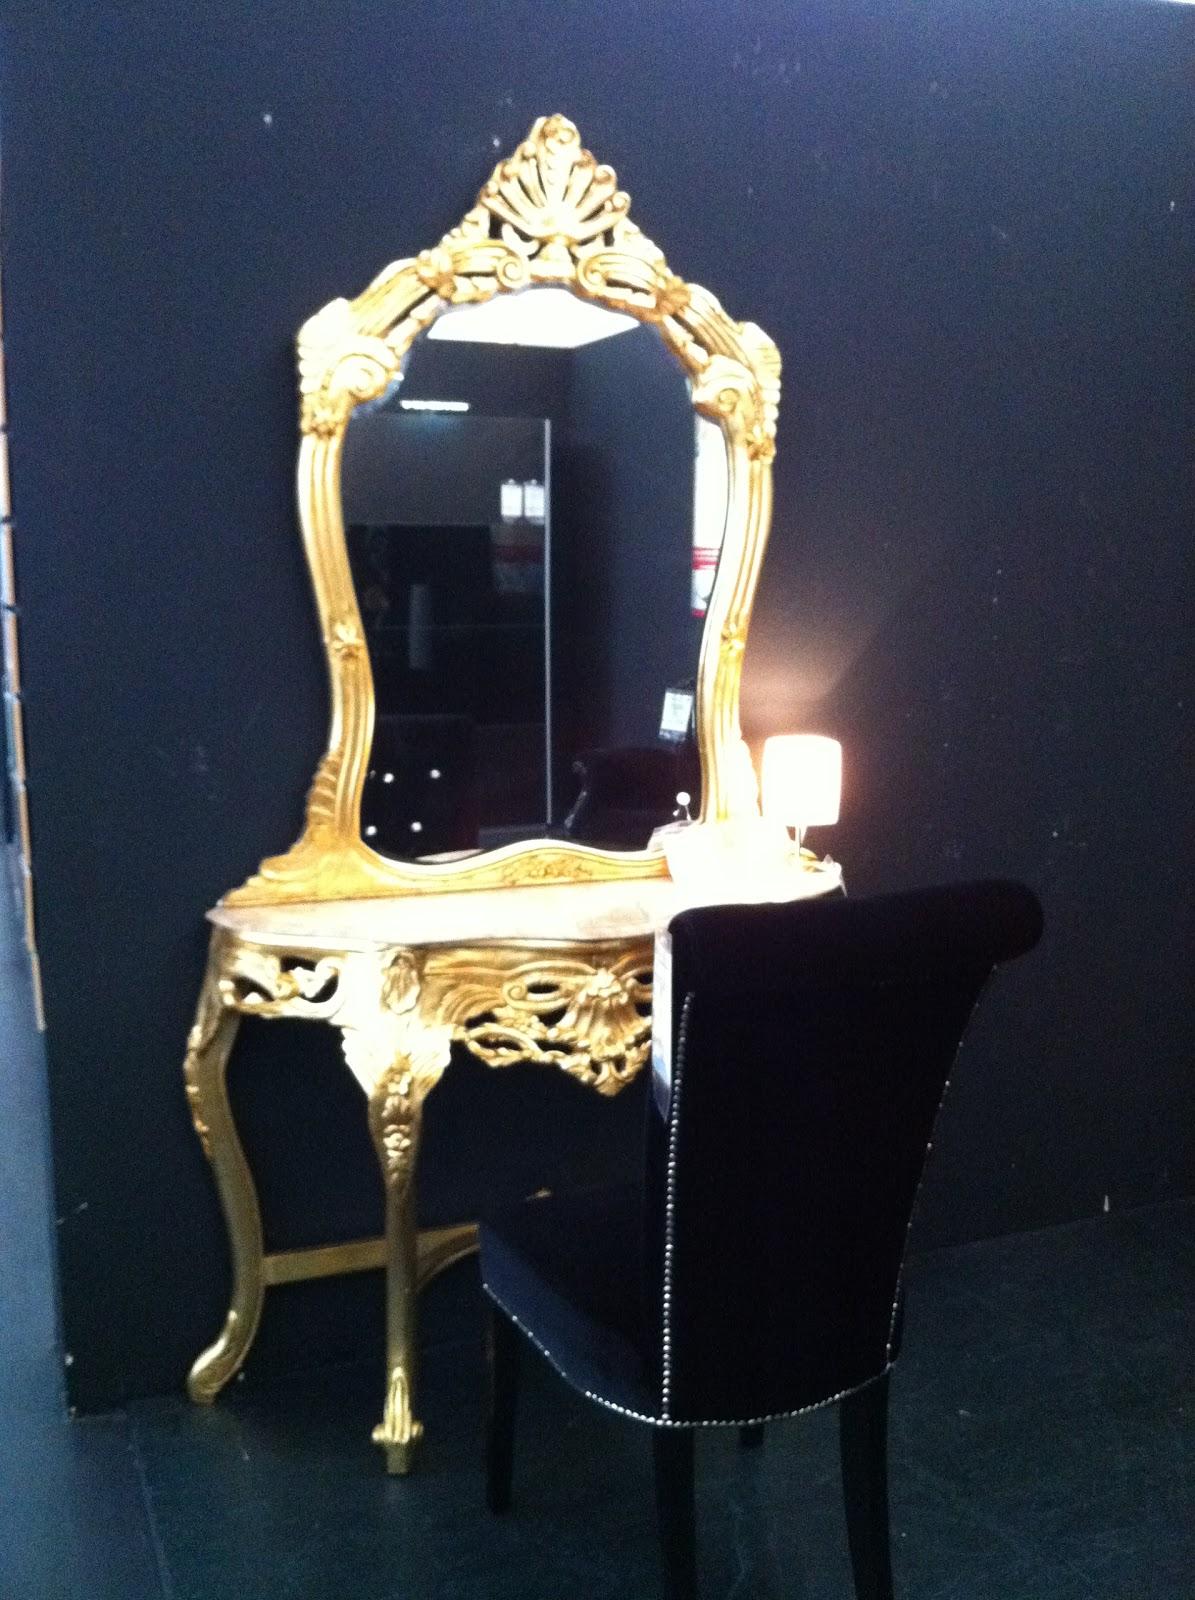 Beau Letztens War Ich In Einem Designer Möbel Outlet Und Habe Wunderschöne  Sachen Gesehen! Auch Wenn Augenkrebsgefahr Besteht, Finde Ich Die Goldenen  Möbel ...